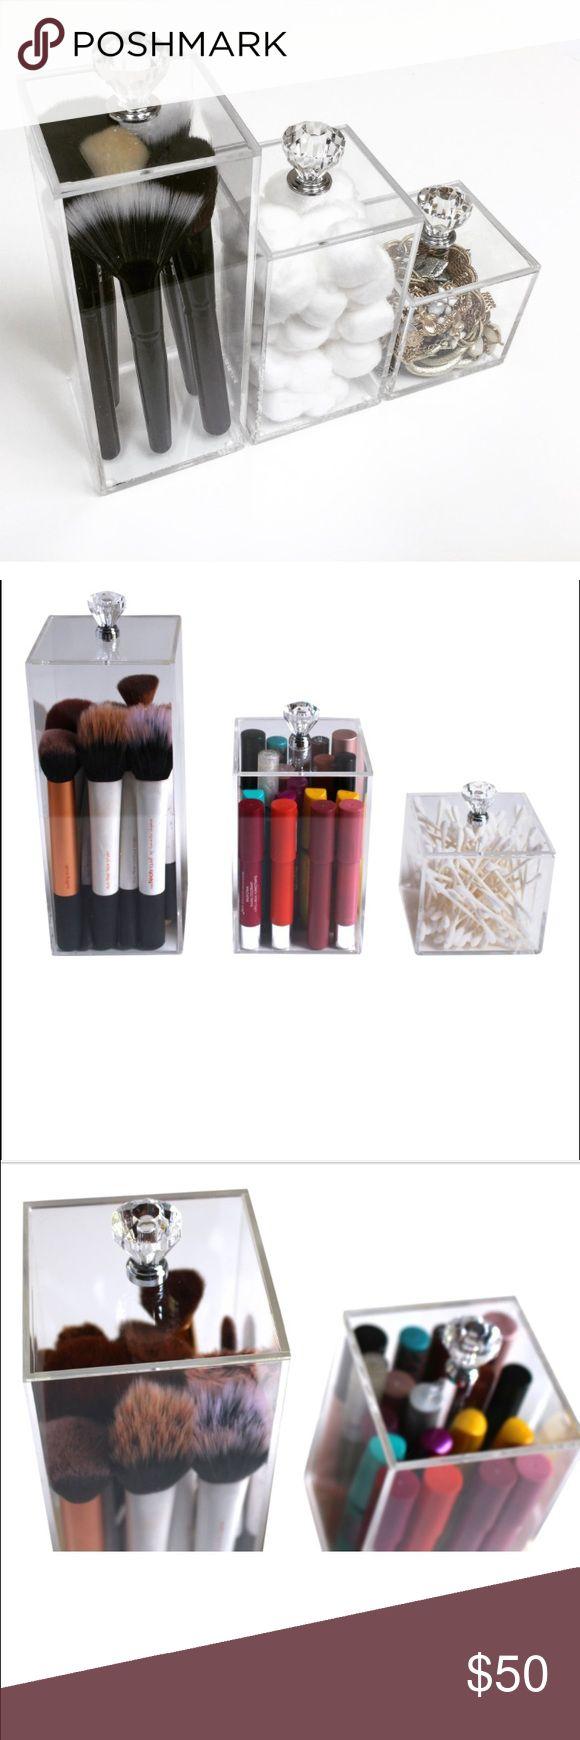 3 piece acrylic makeup organizer 3 piece acrylic makeup organizers. This  set offers (3